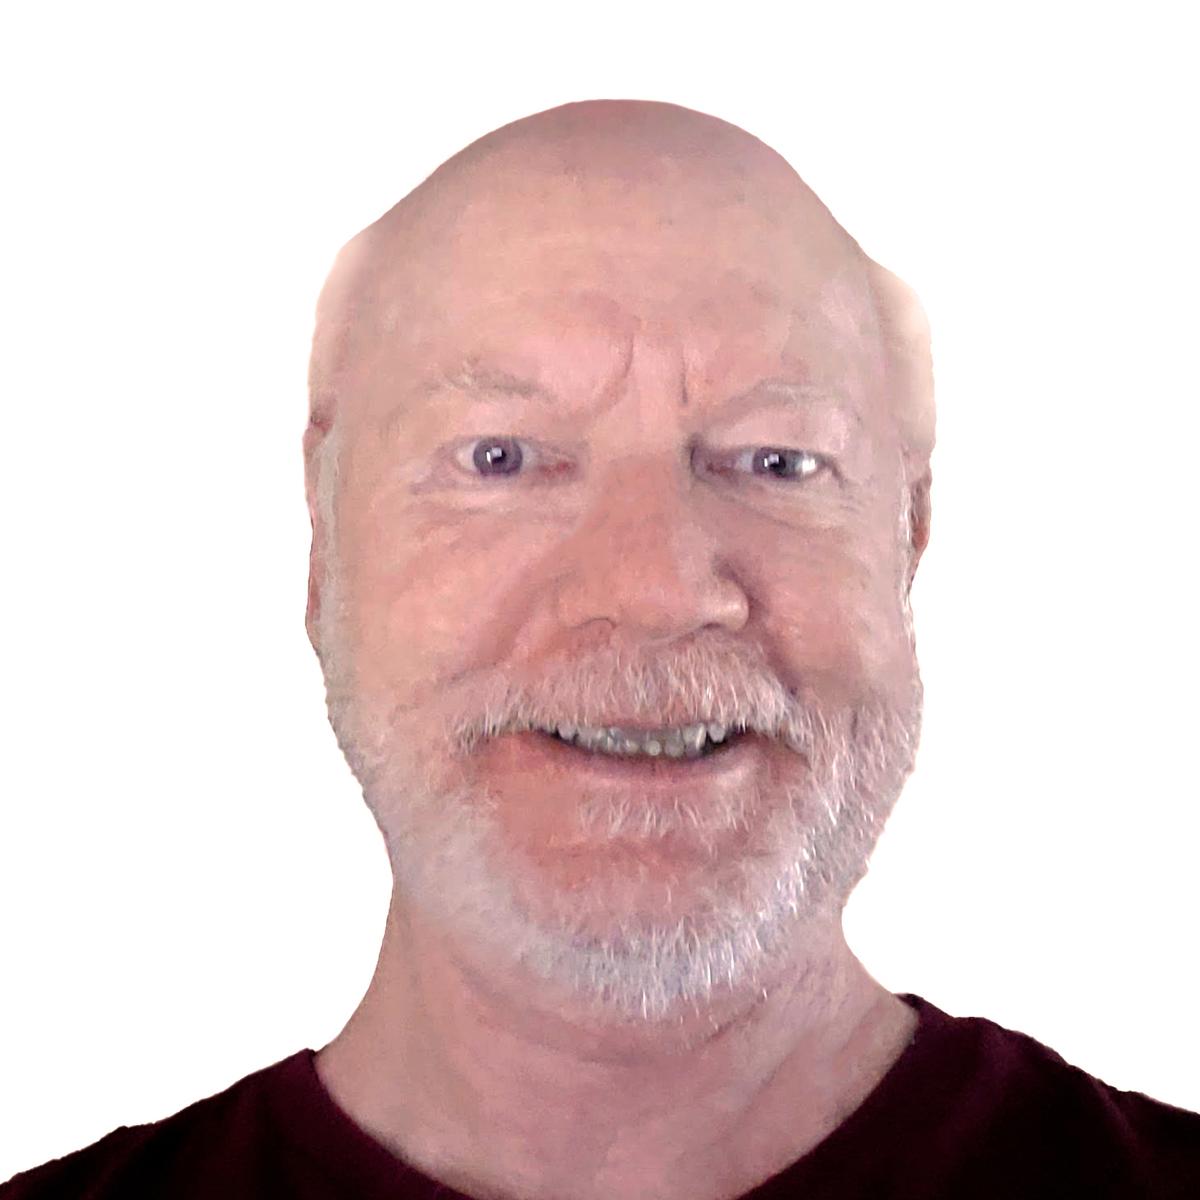 Richard Killian